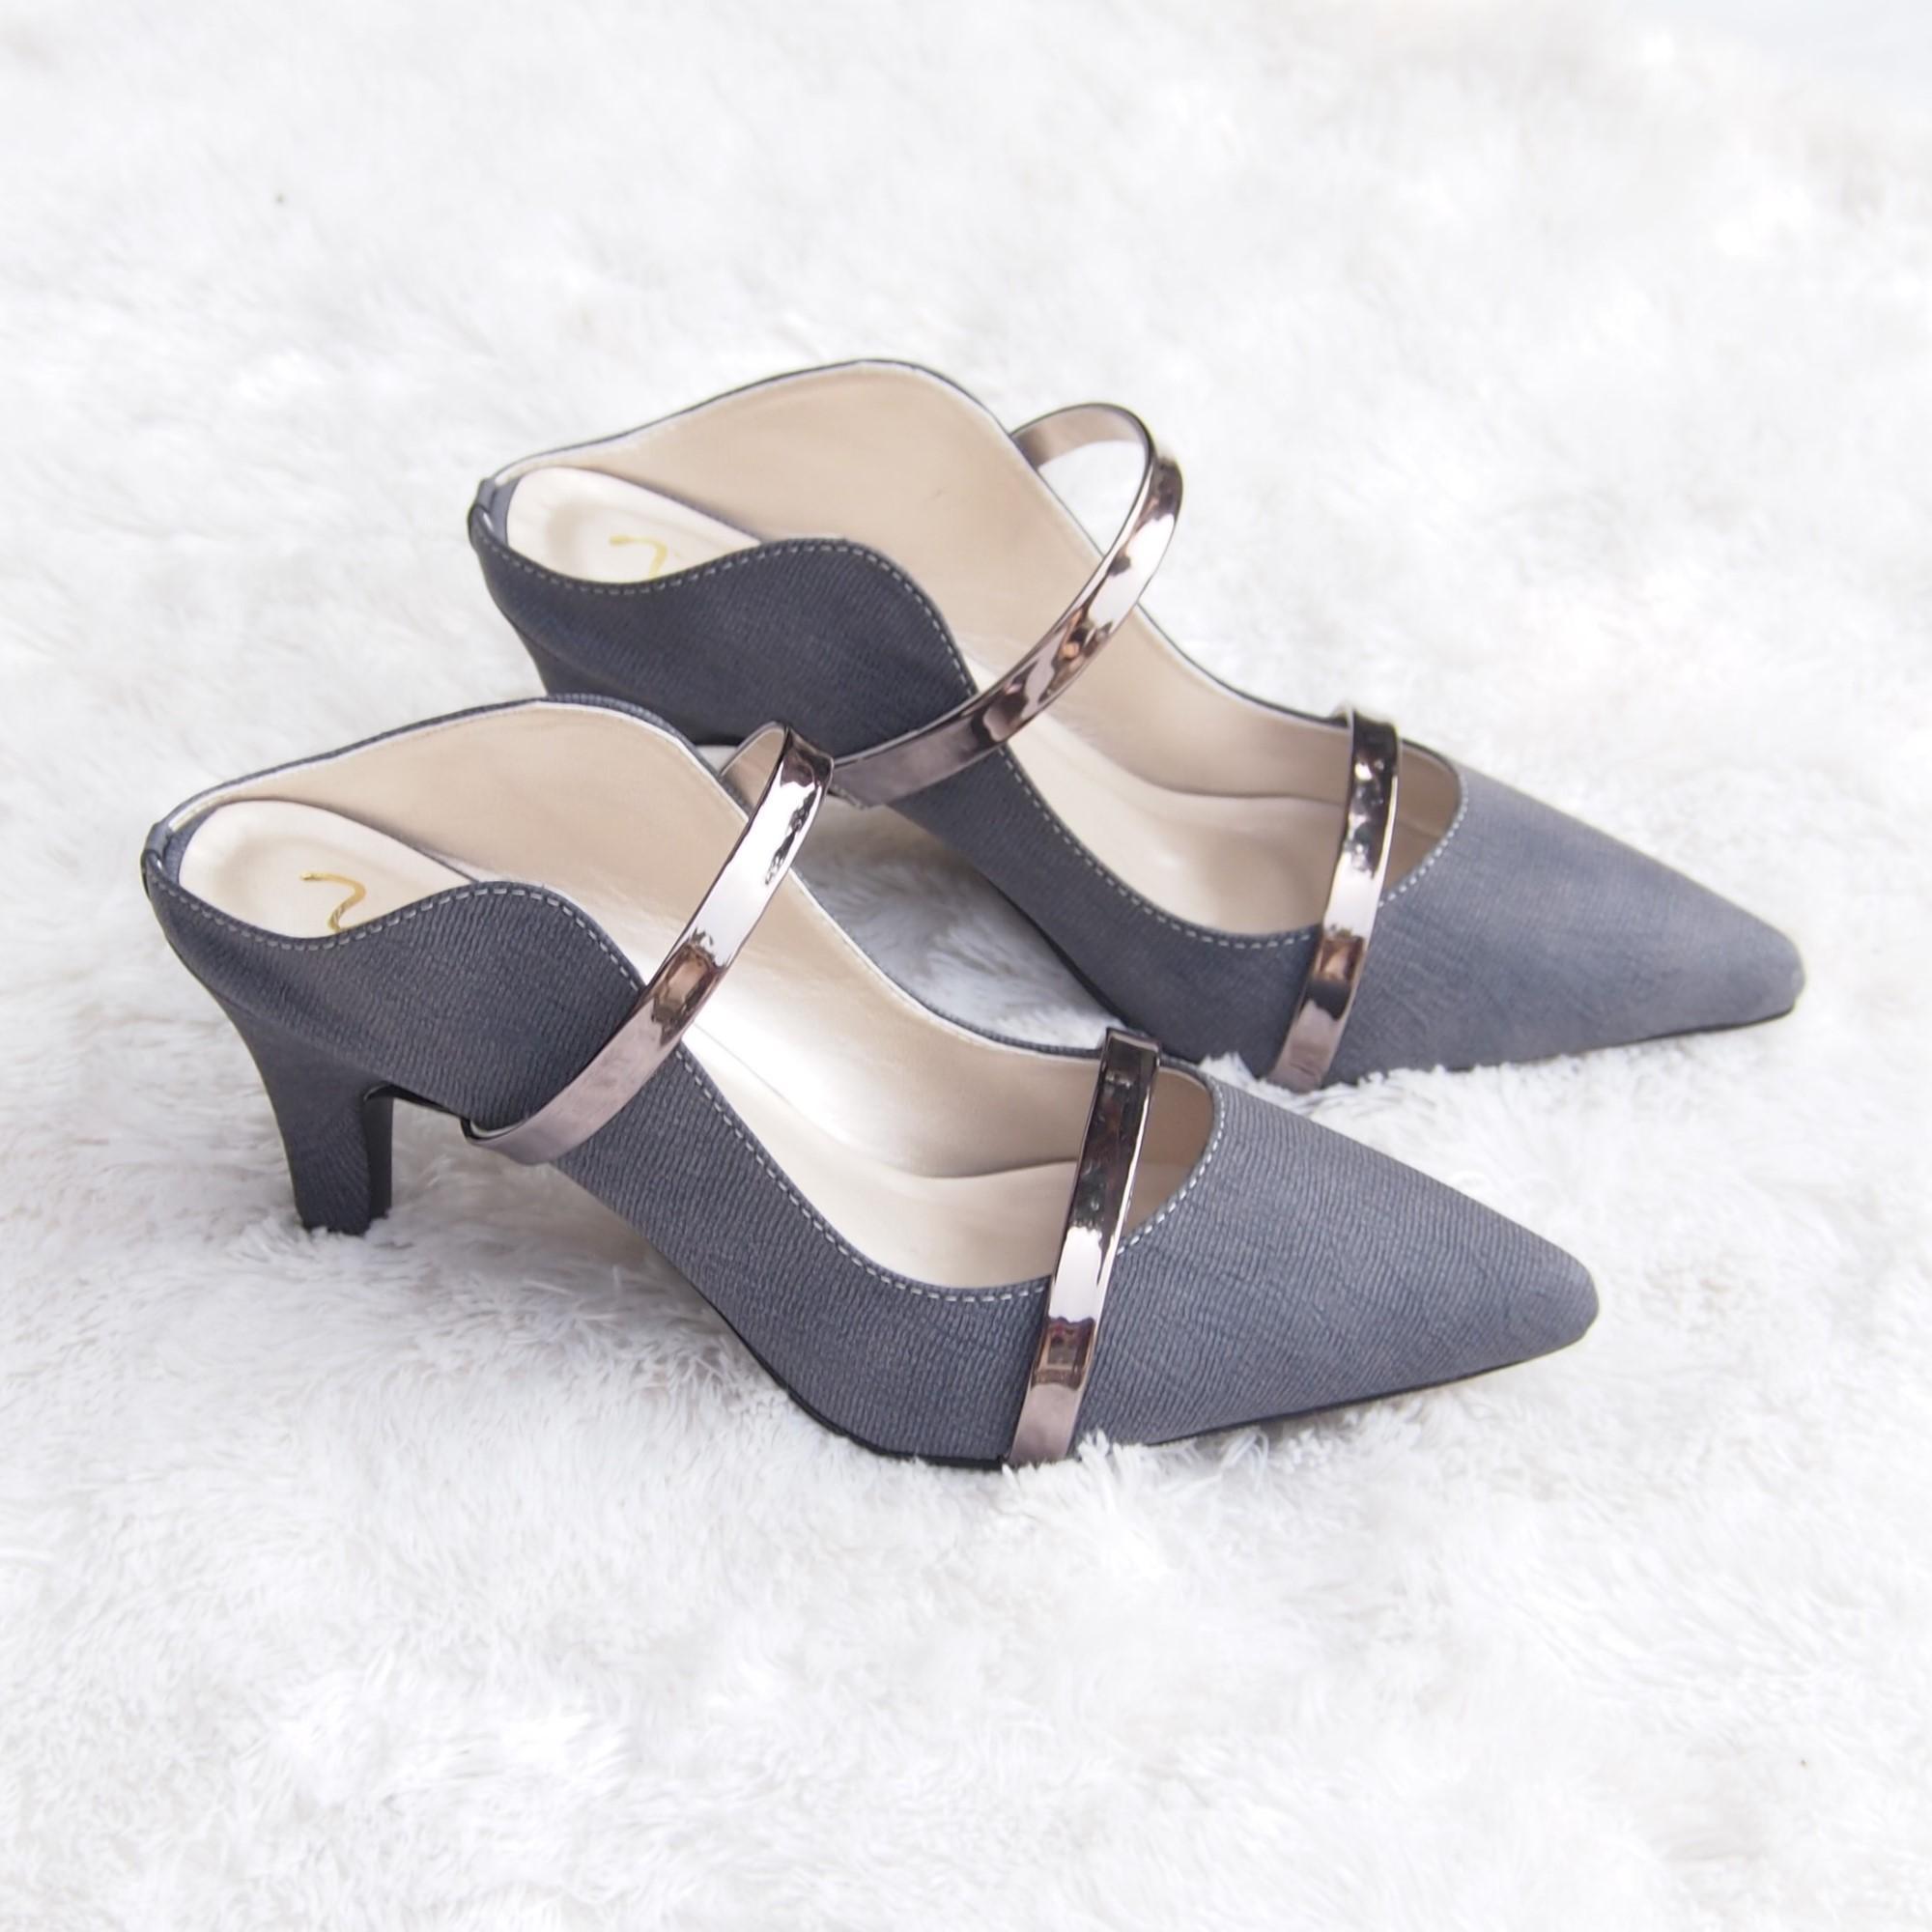 Pumps Shoes - Sepatu Hak Tinggi Kualitas Premium YLR16-1 - 3 .